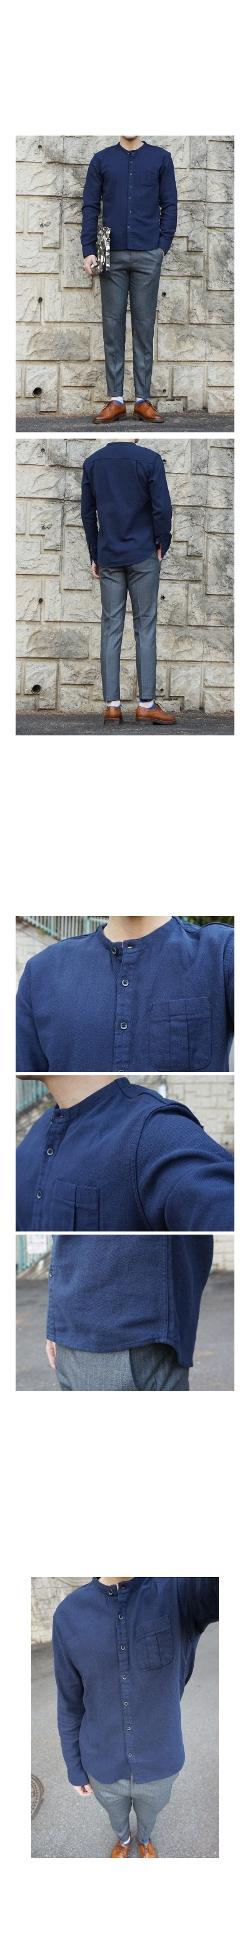 Thom Mason - Mandarin-Collar Shirt